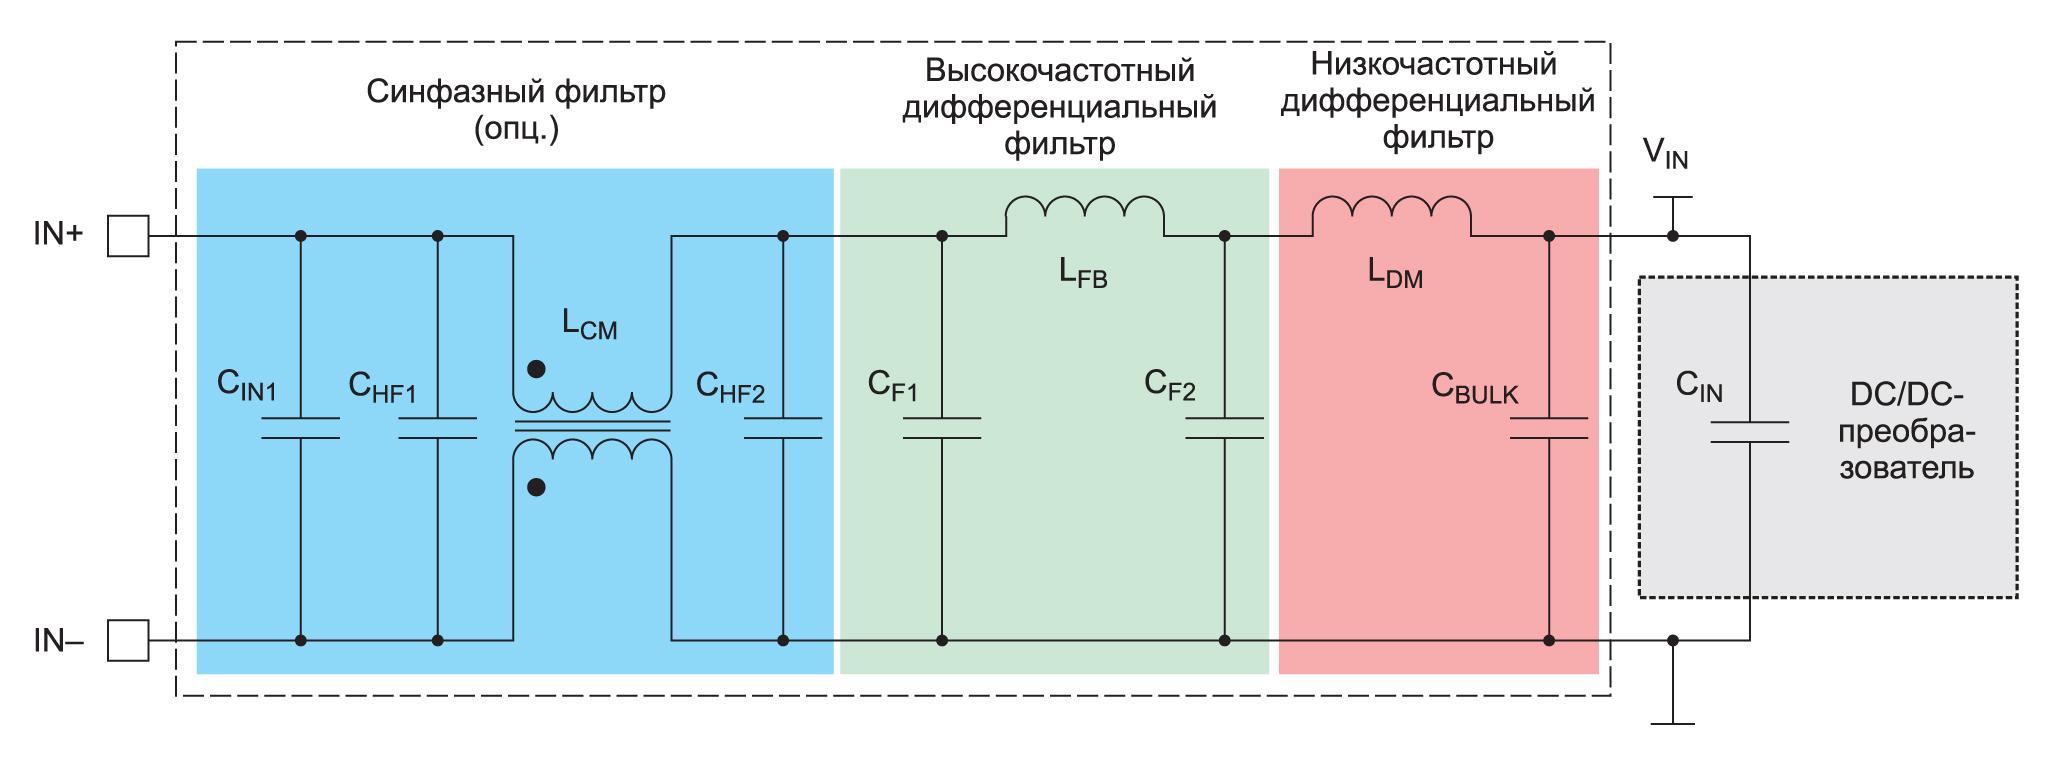 Схема многокаскадного ЭМП-фильтра